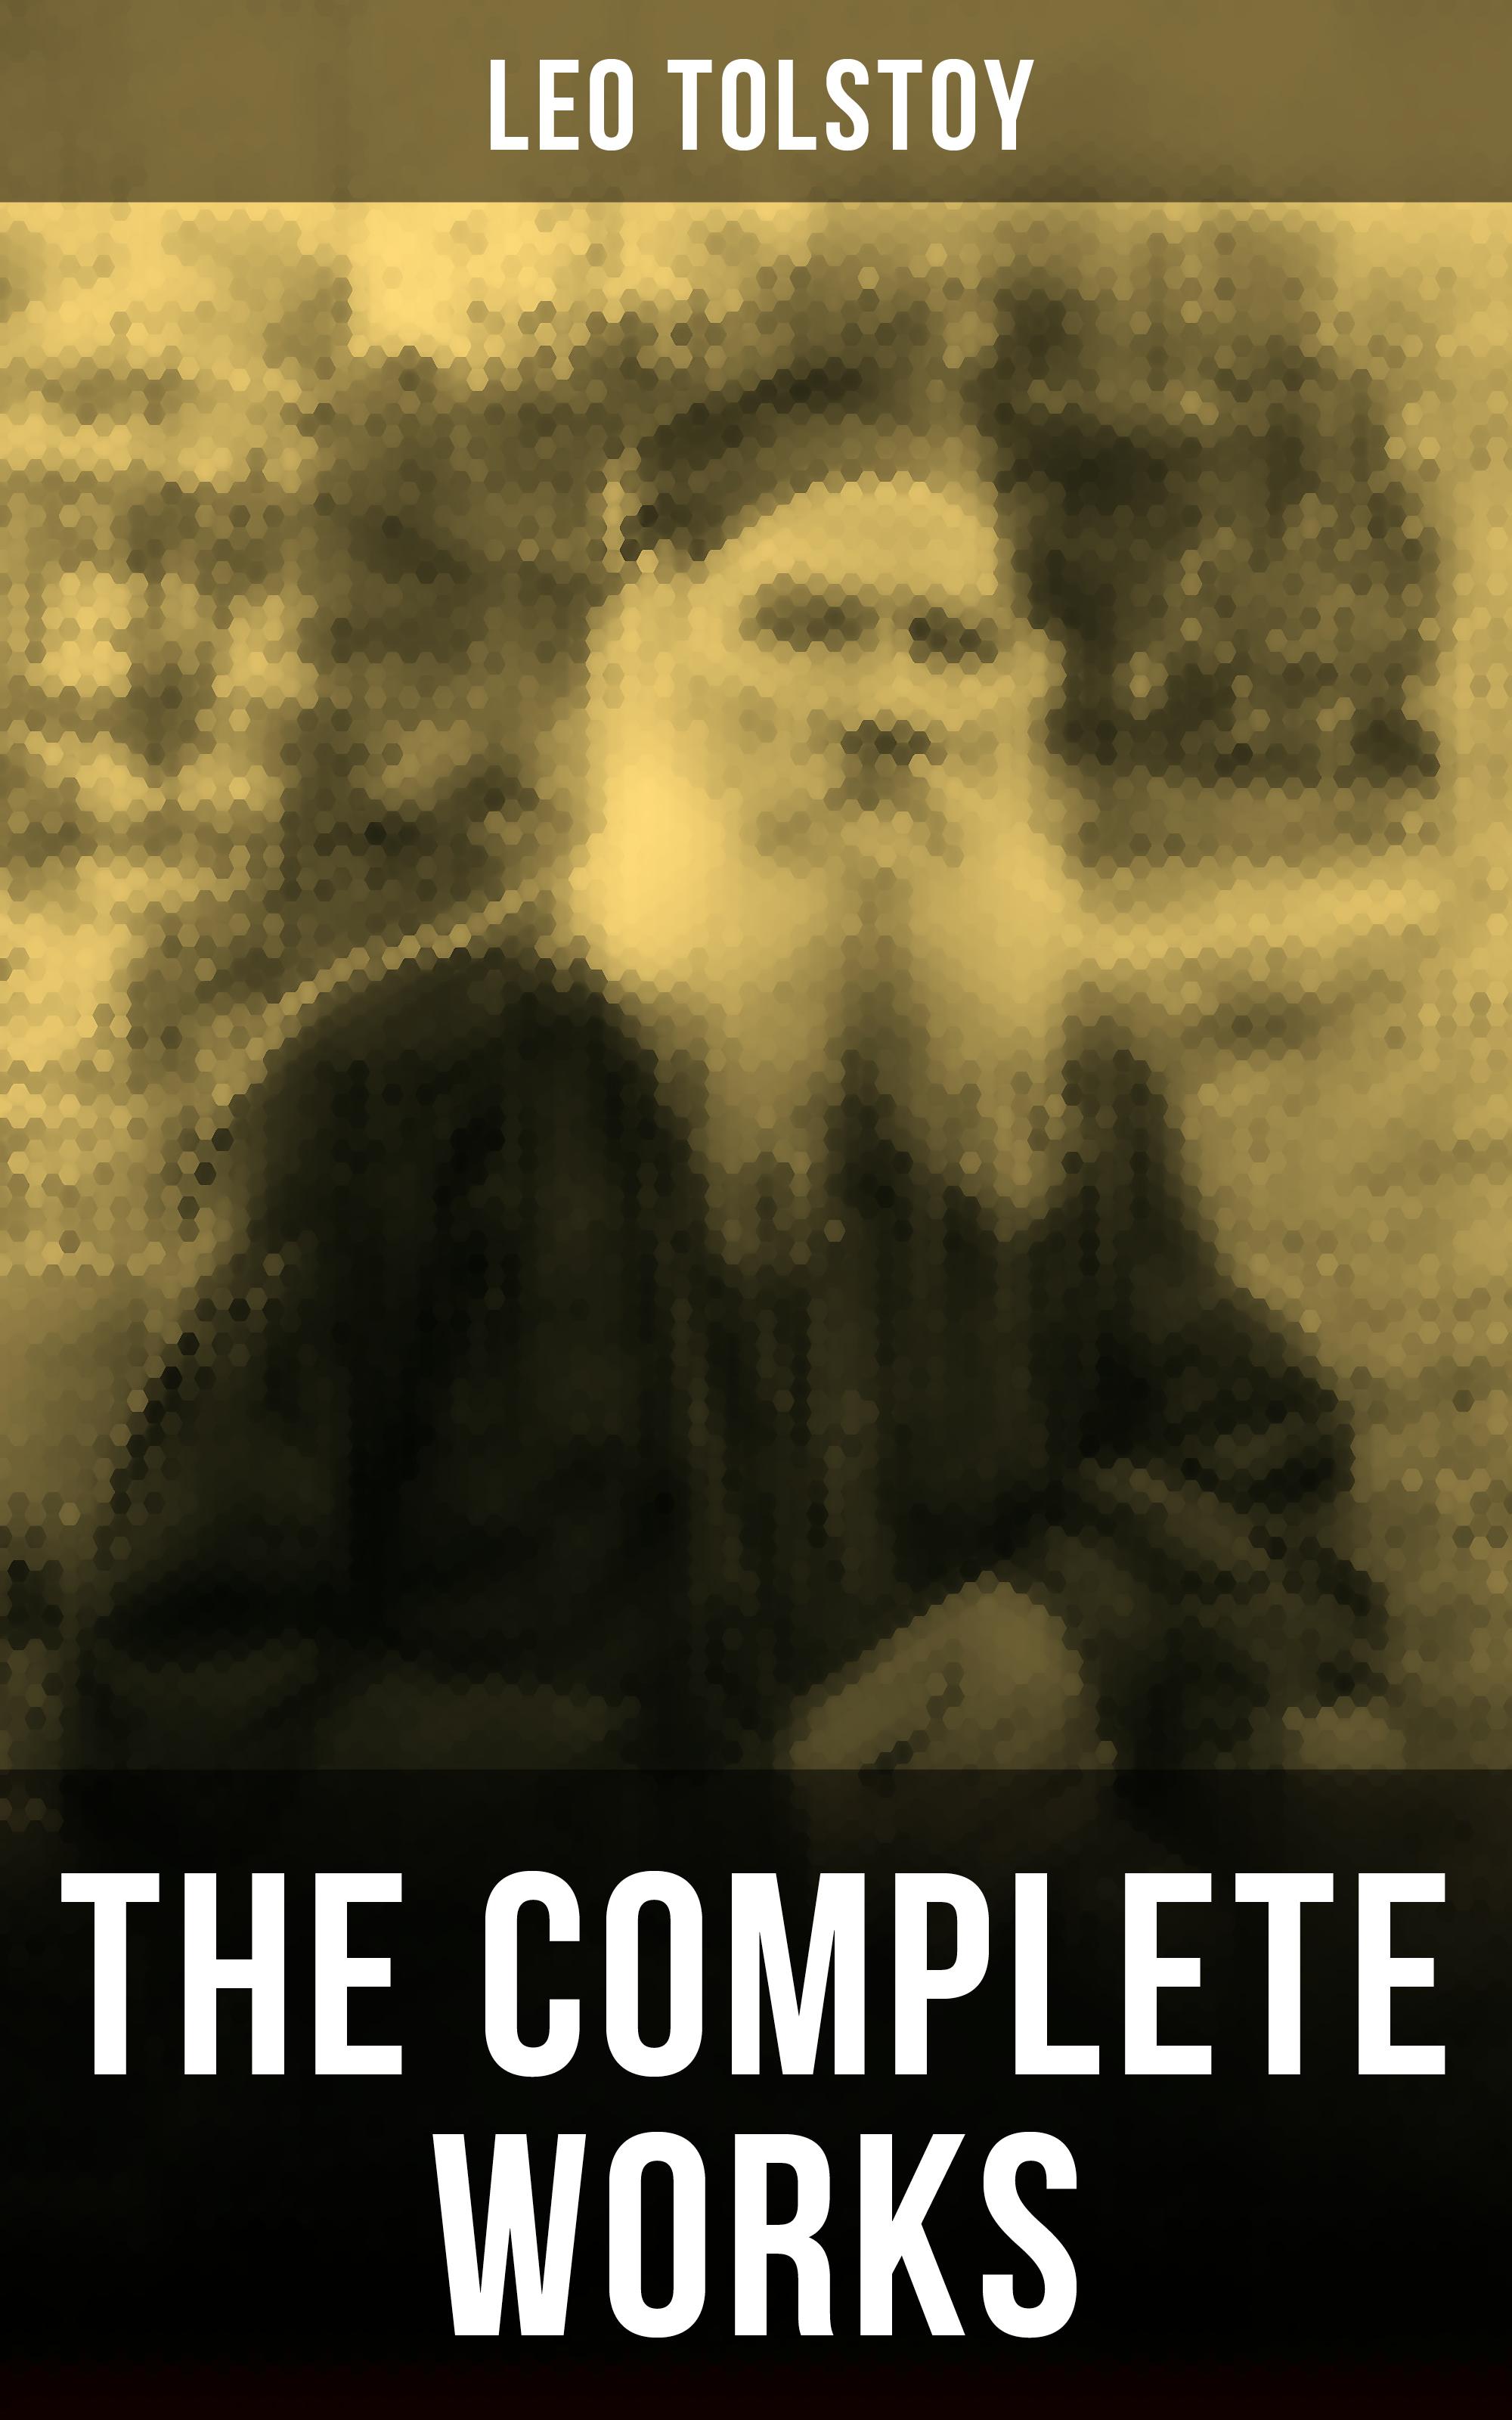 Leo Tolstoy The Complete Works of Leo Tolstoy leo tolstoy resurrection volume 2